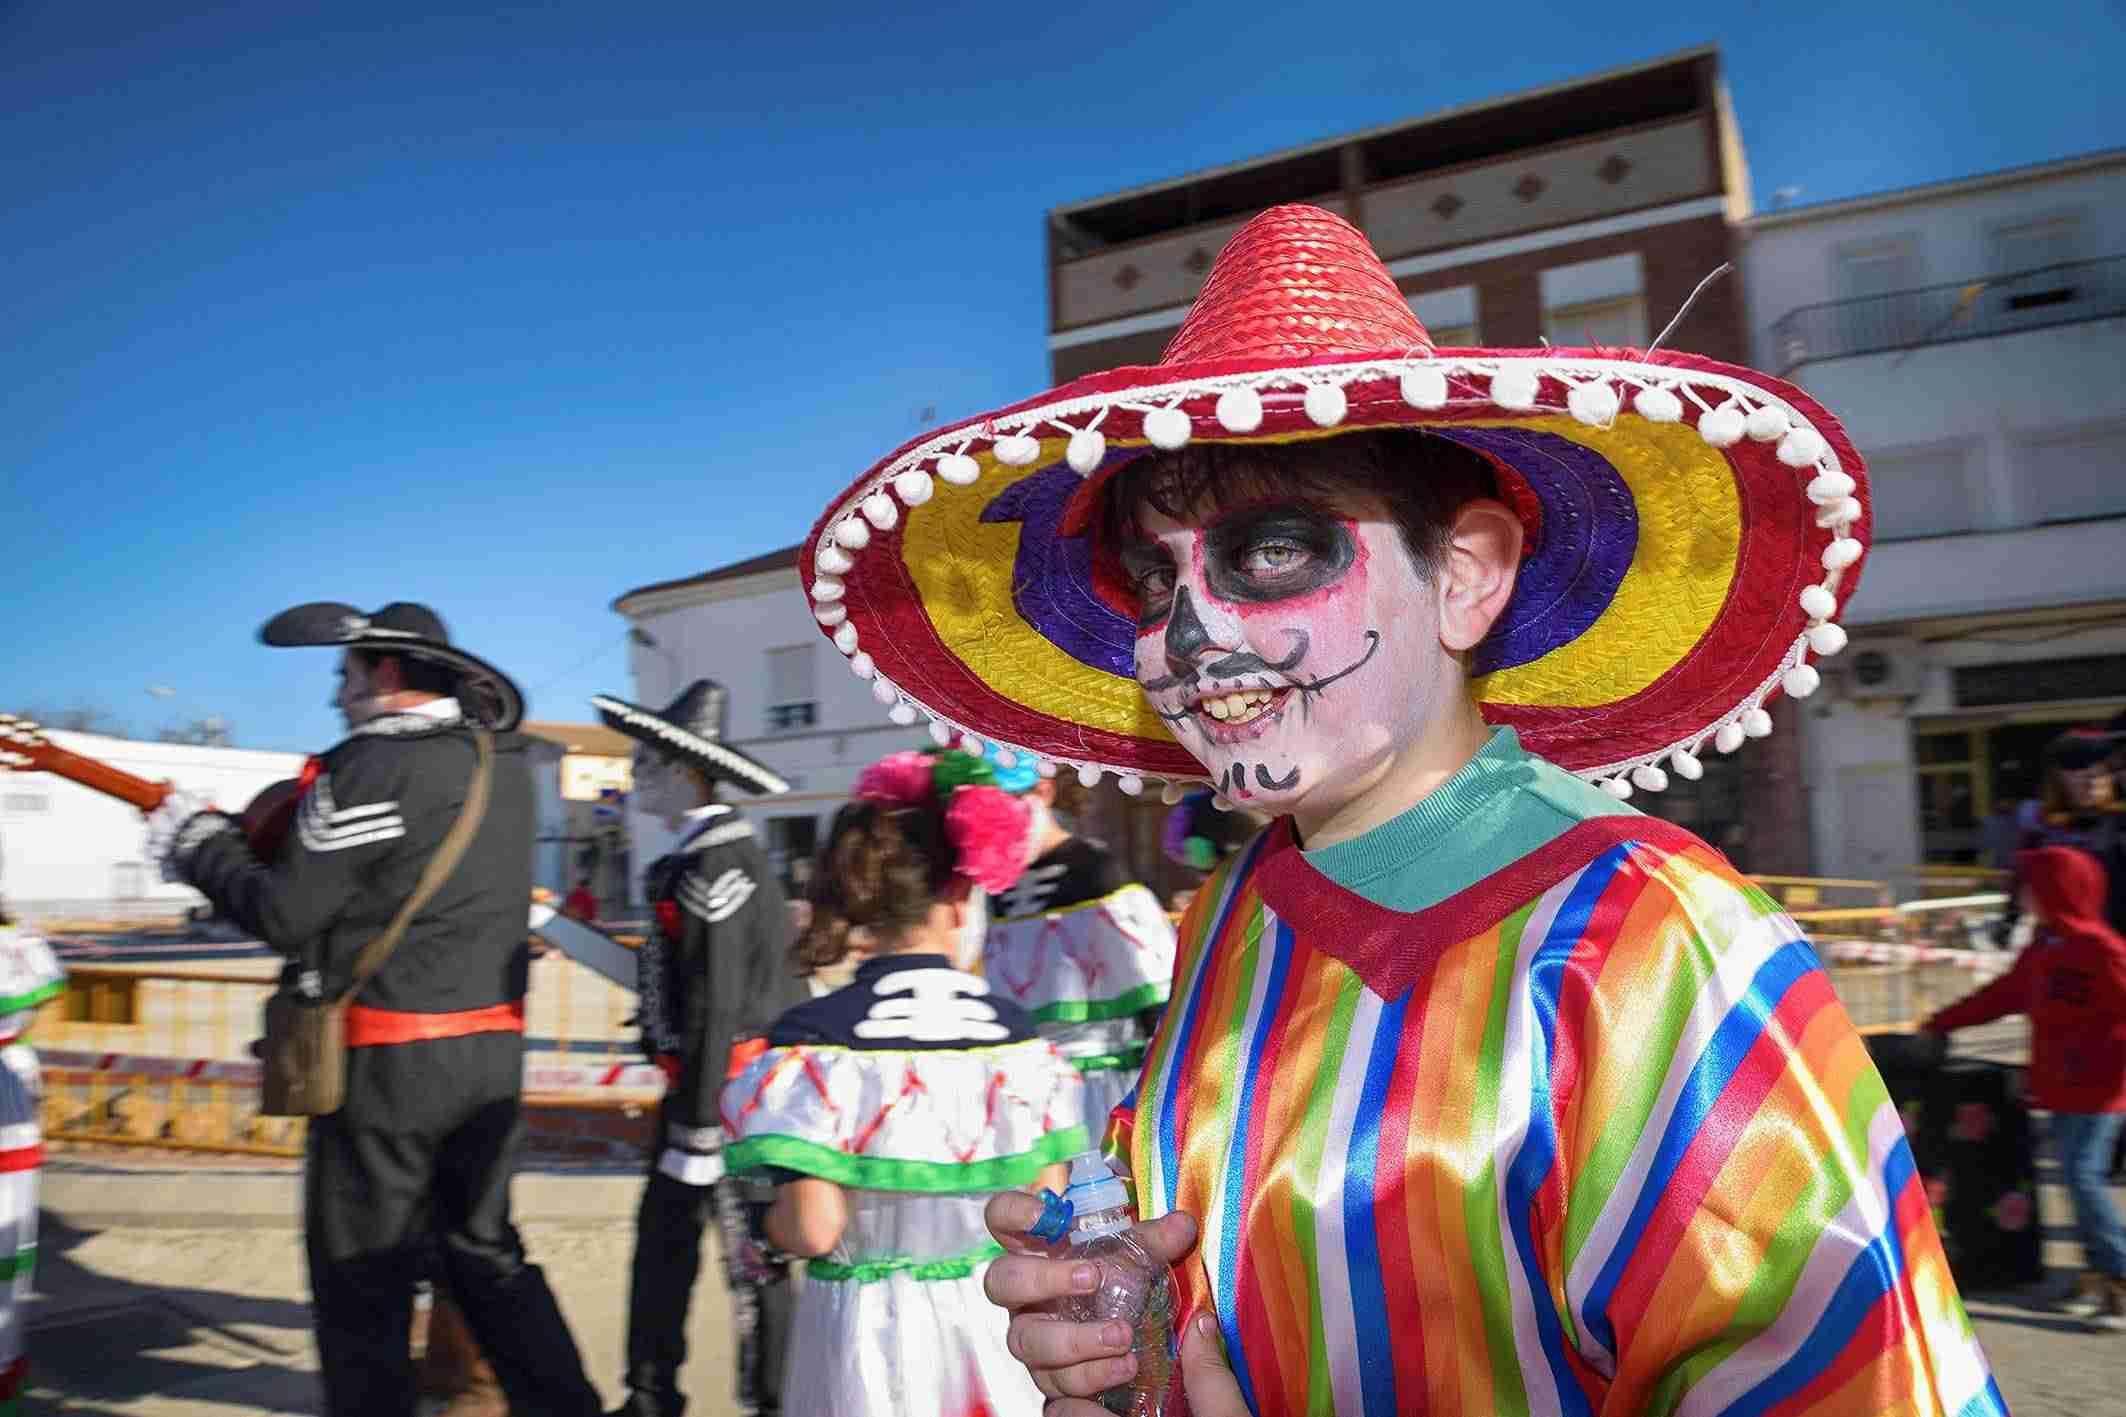 El Desfile de Comparsas Infantiles abre la actividad en la calle del Carnaval de Argamasilla de Alba 2